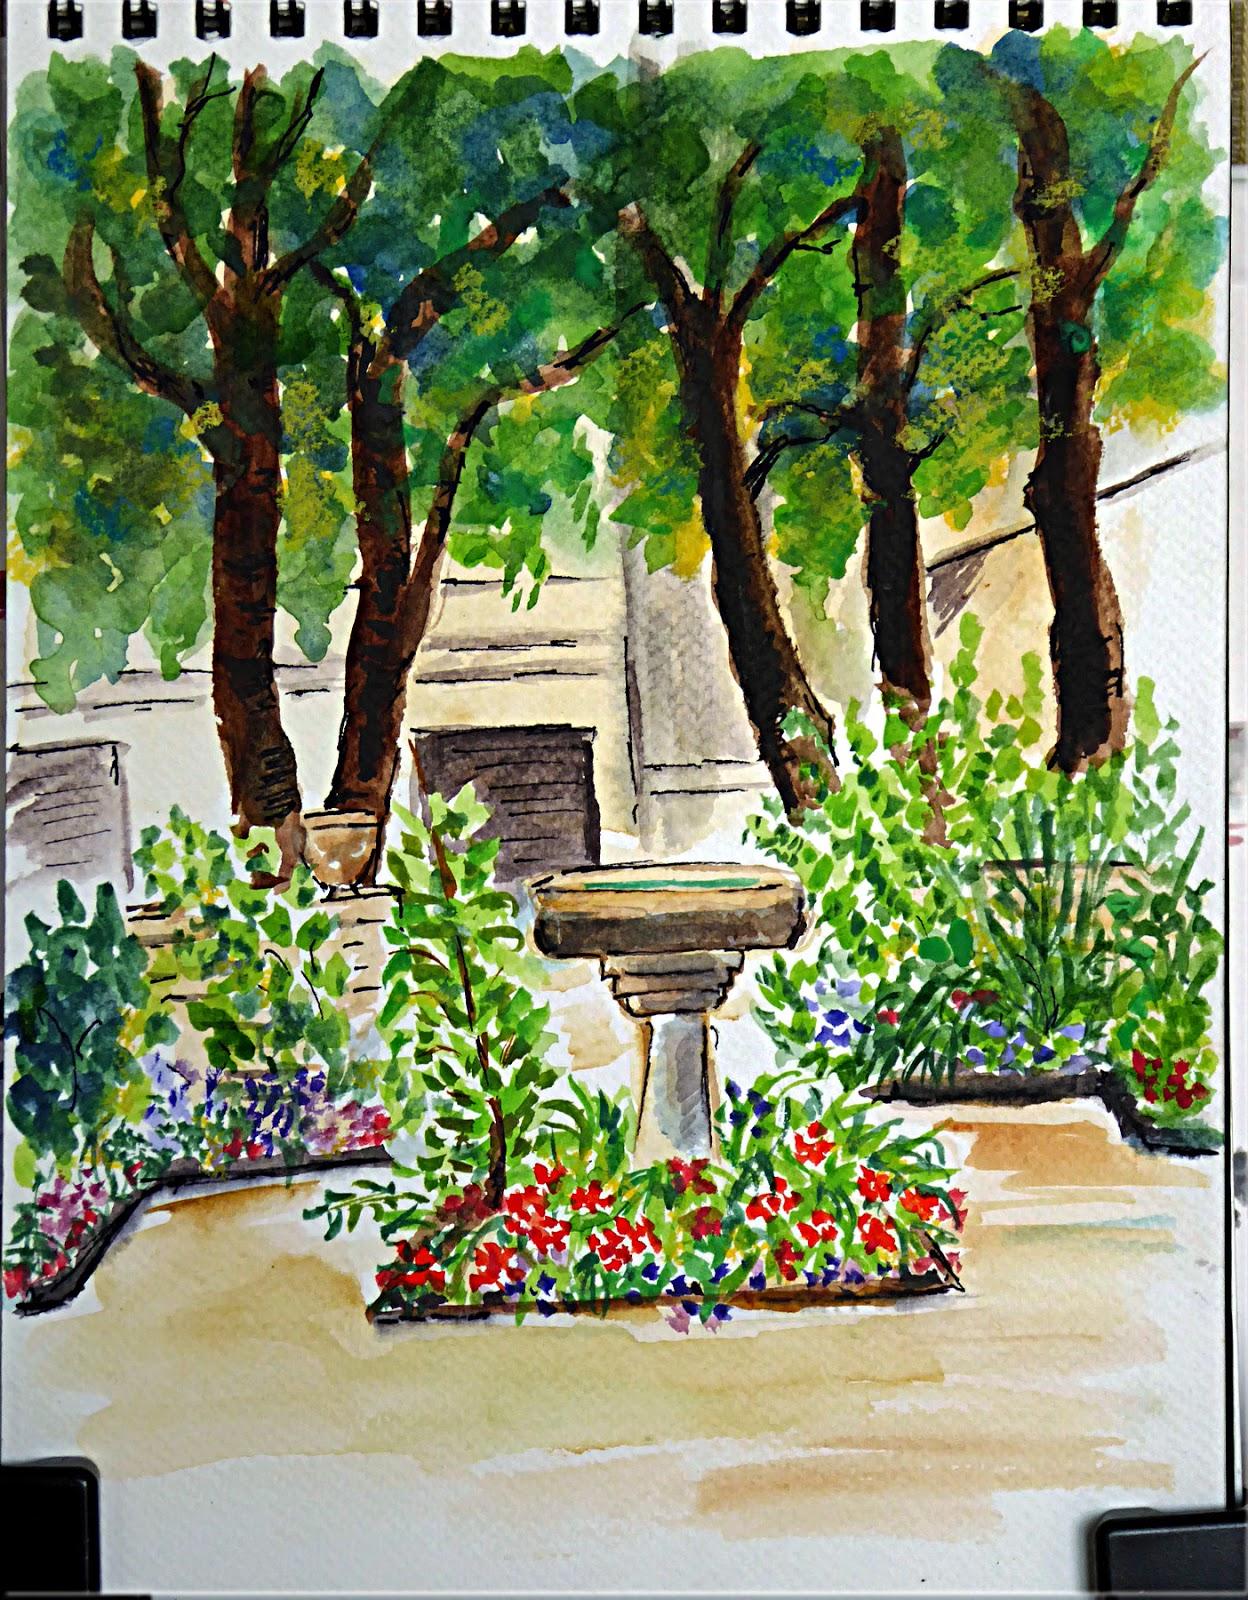 Art de vivre la peinture de peintrefiguratif croquis au jardin clos des blancs manteaux - Jardin du clos des blancs manteaux ...